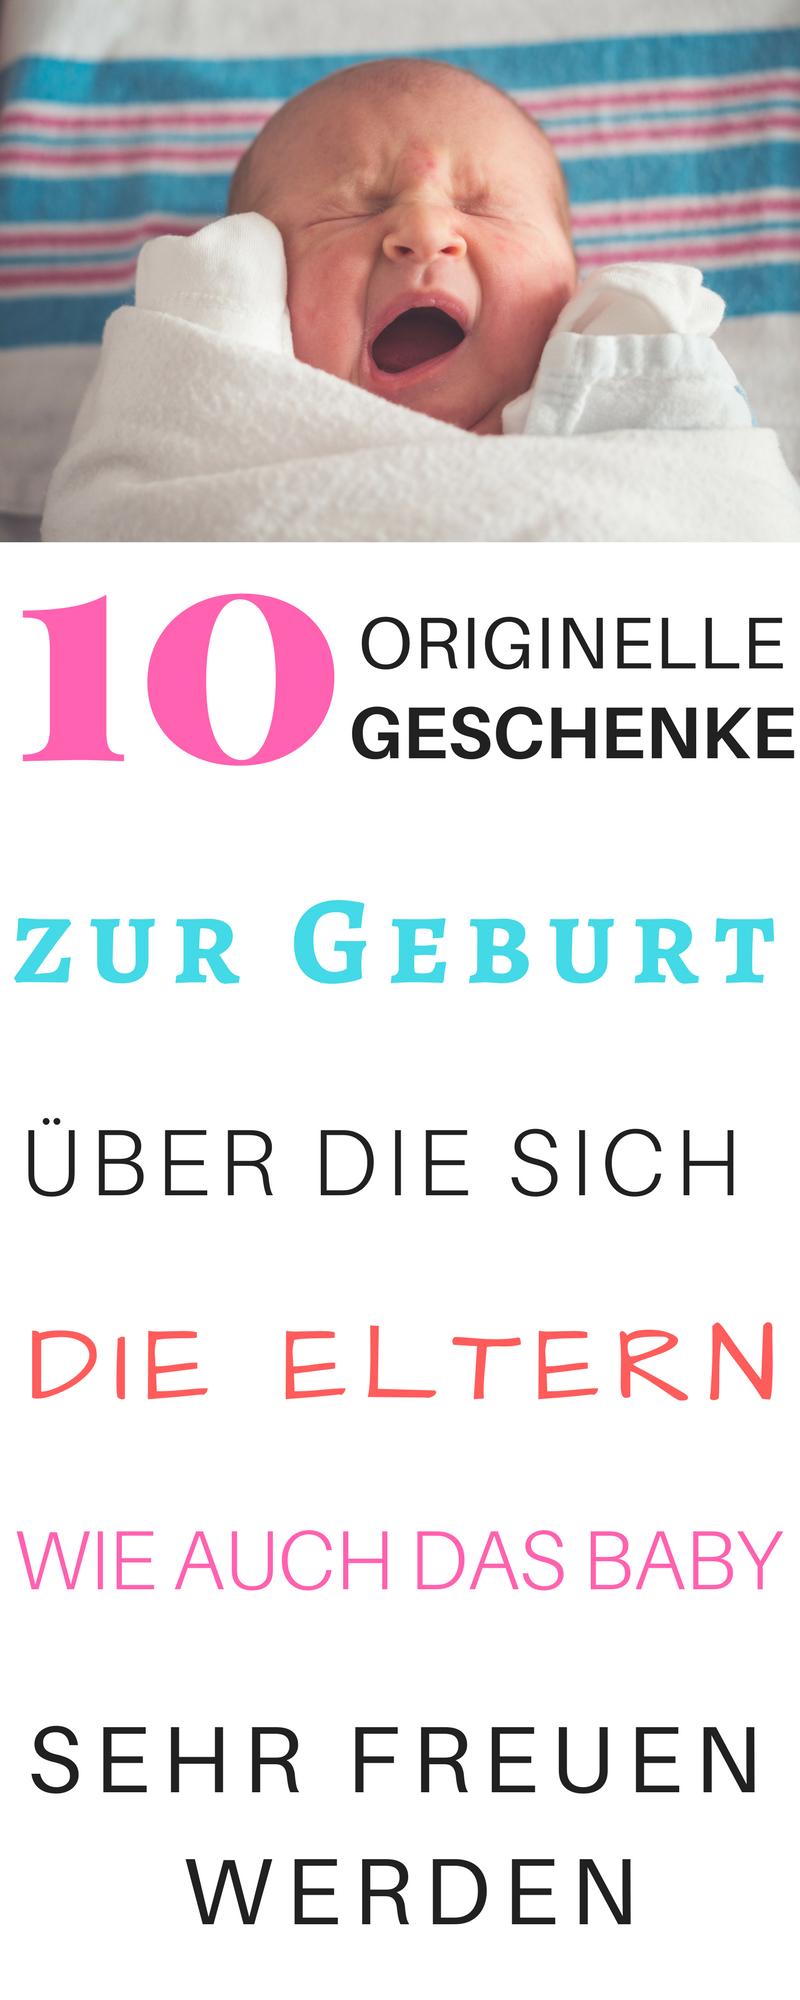 10 originelle Geschenke zur Geburt für Mädchen & Jungs in 2018 ...